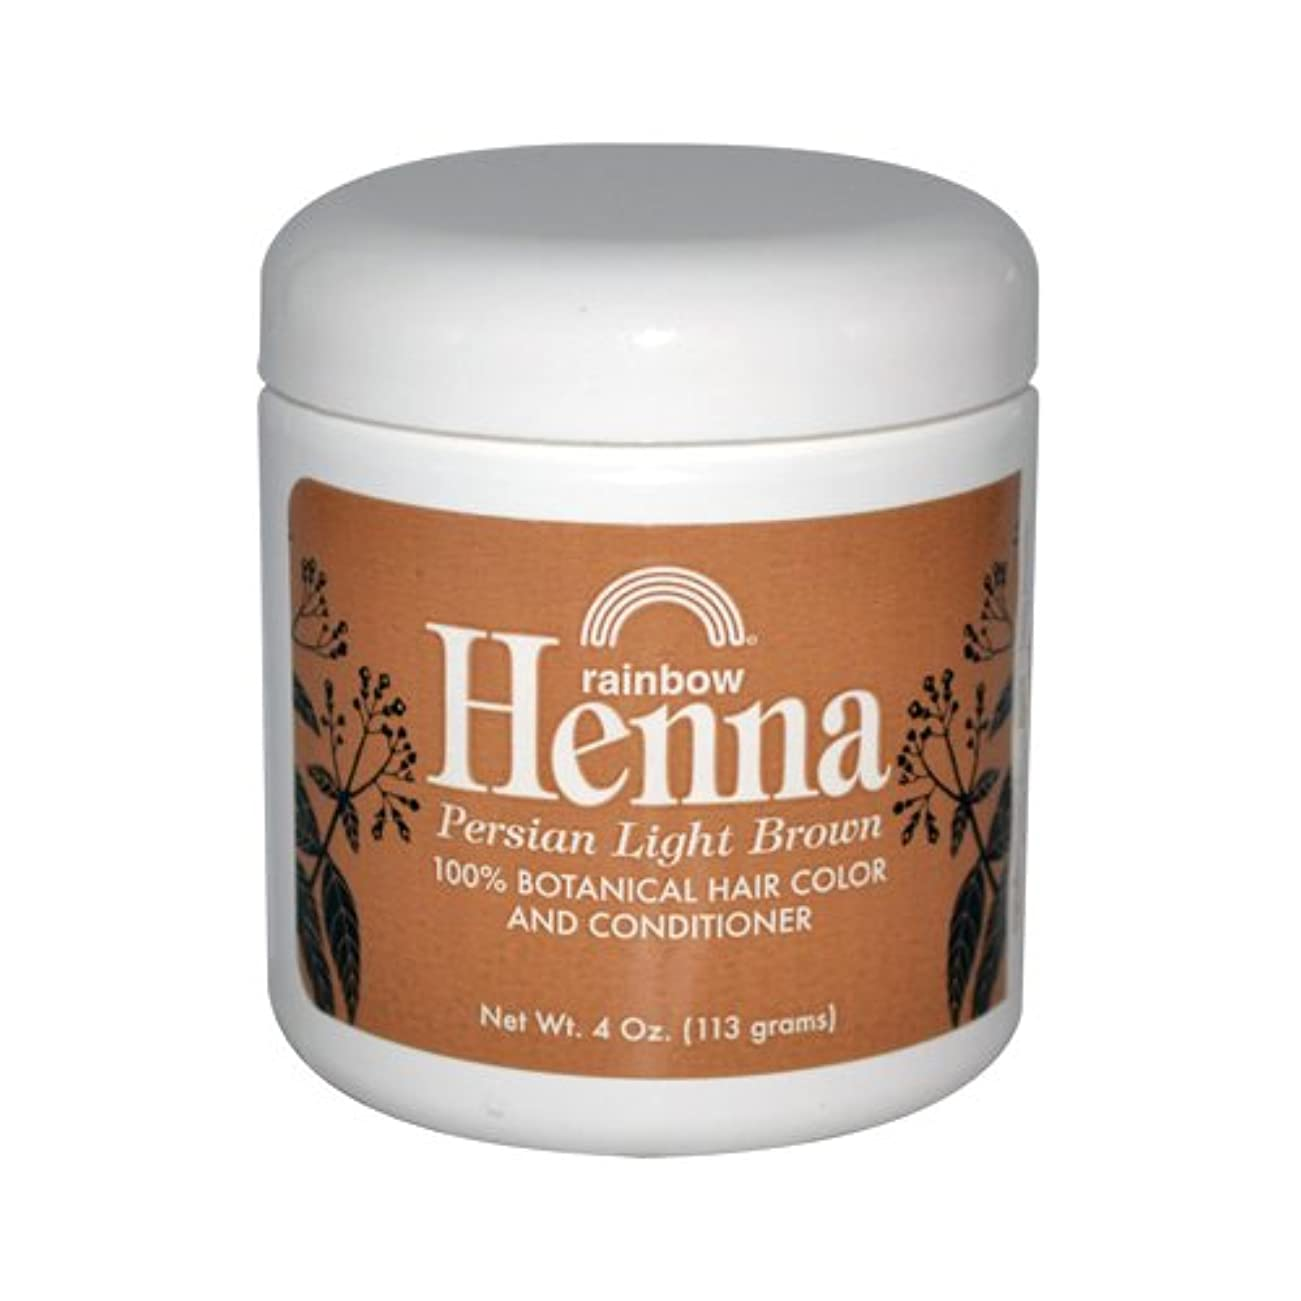 狂った影響を受けやすいですメアリアンジョーンズRainbow Research Henna Persian Light Brown Hair Color and Conditioner Organic 113 g (並行輸入品)